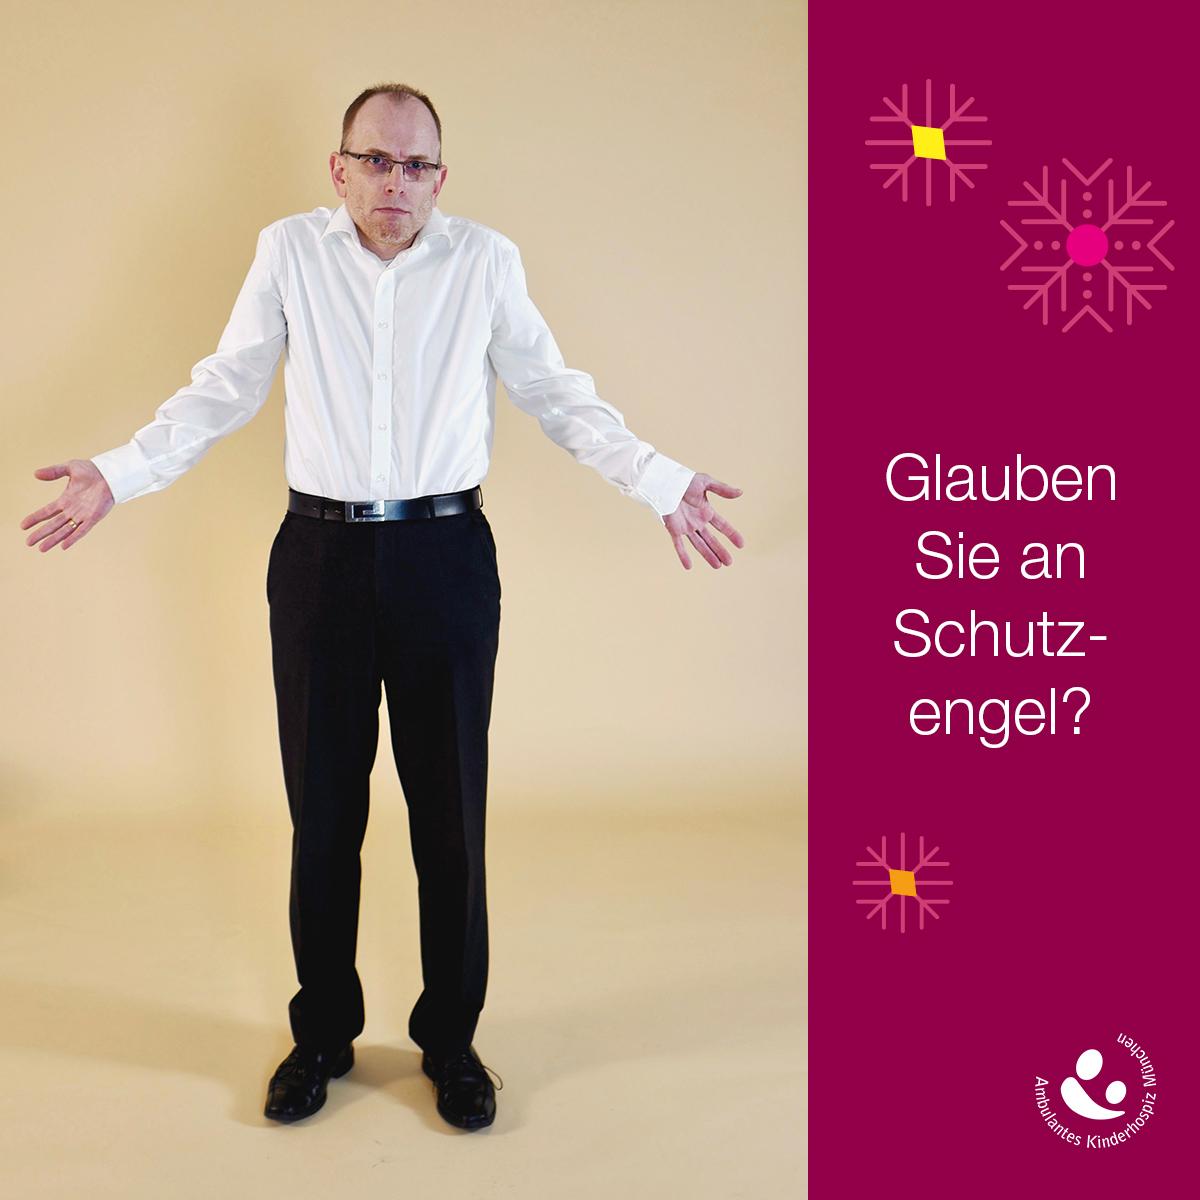 Ein Bild sagt mehr als 1.000 Worte: Clemens Suerbaum